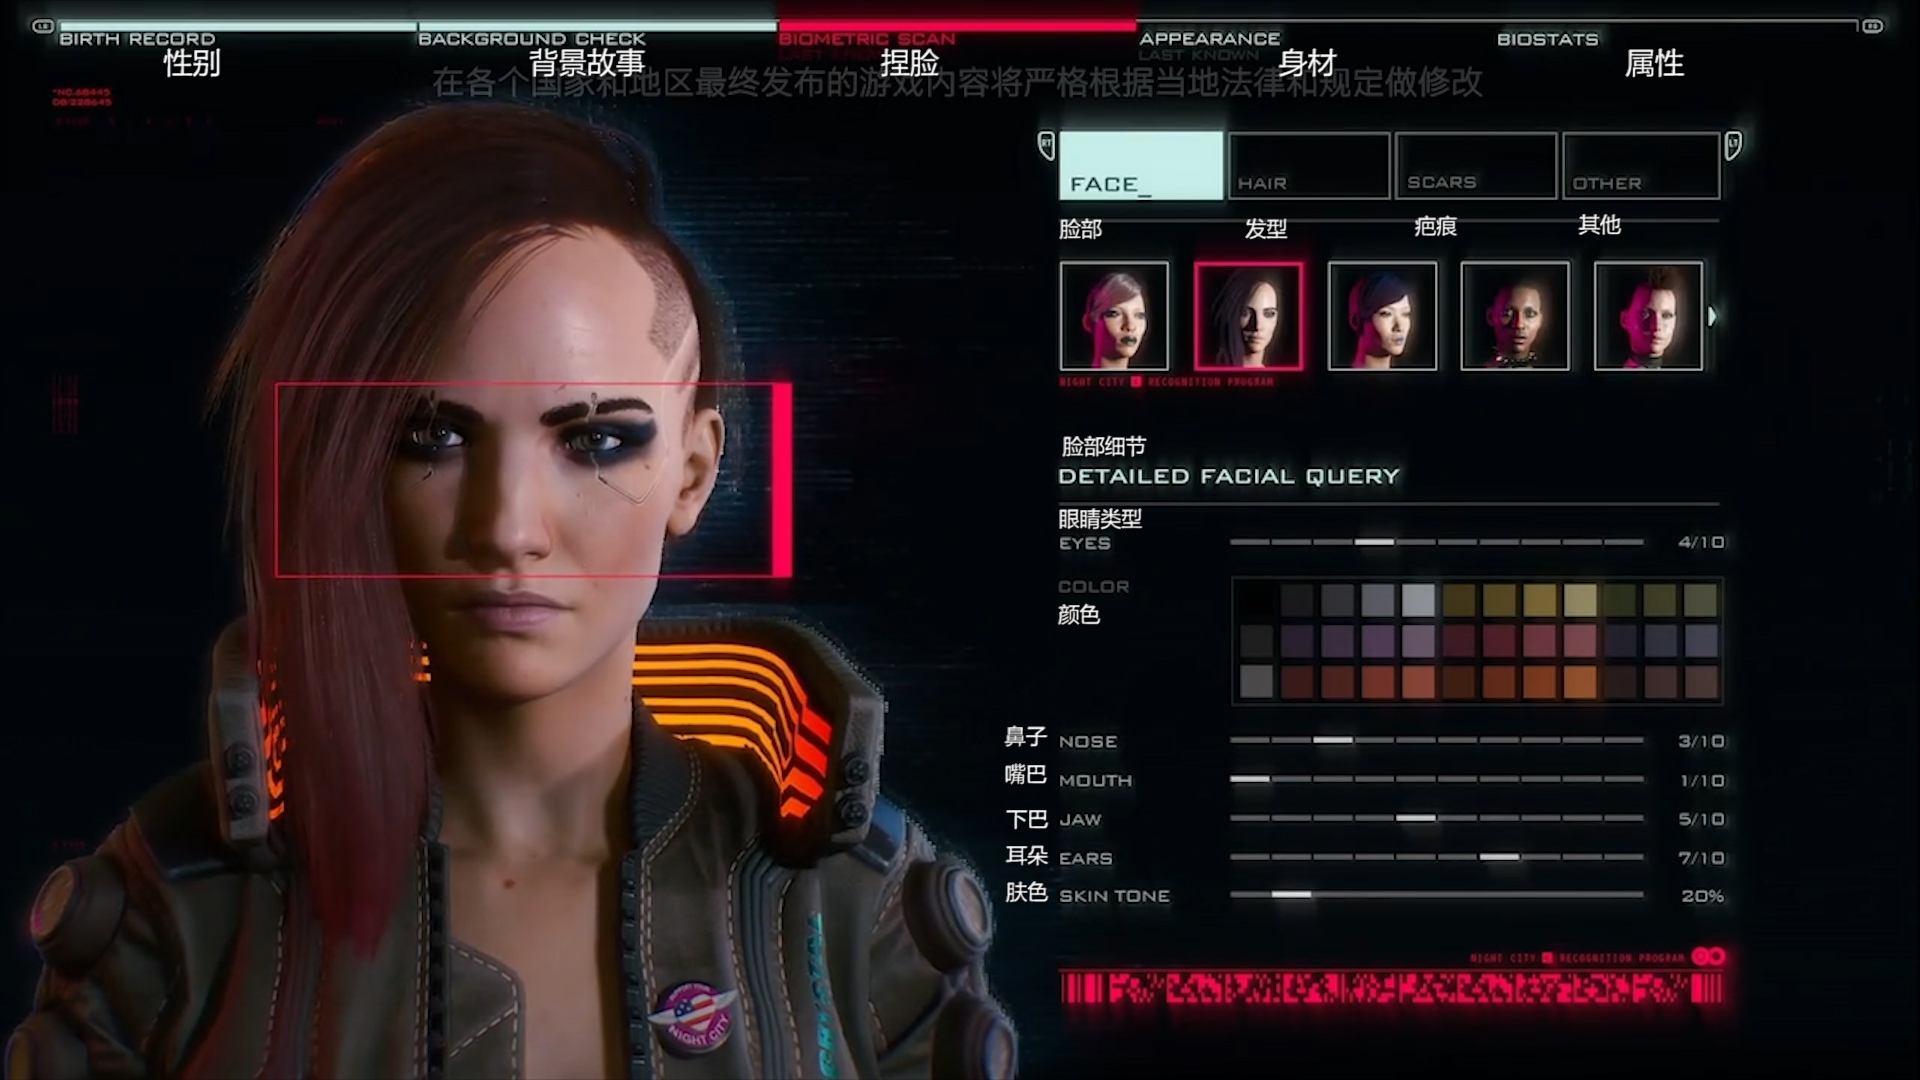 賽博朋克2077軍用科技介紹